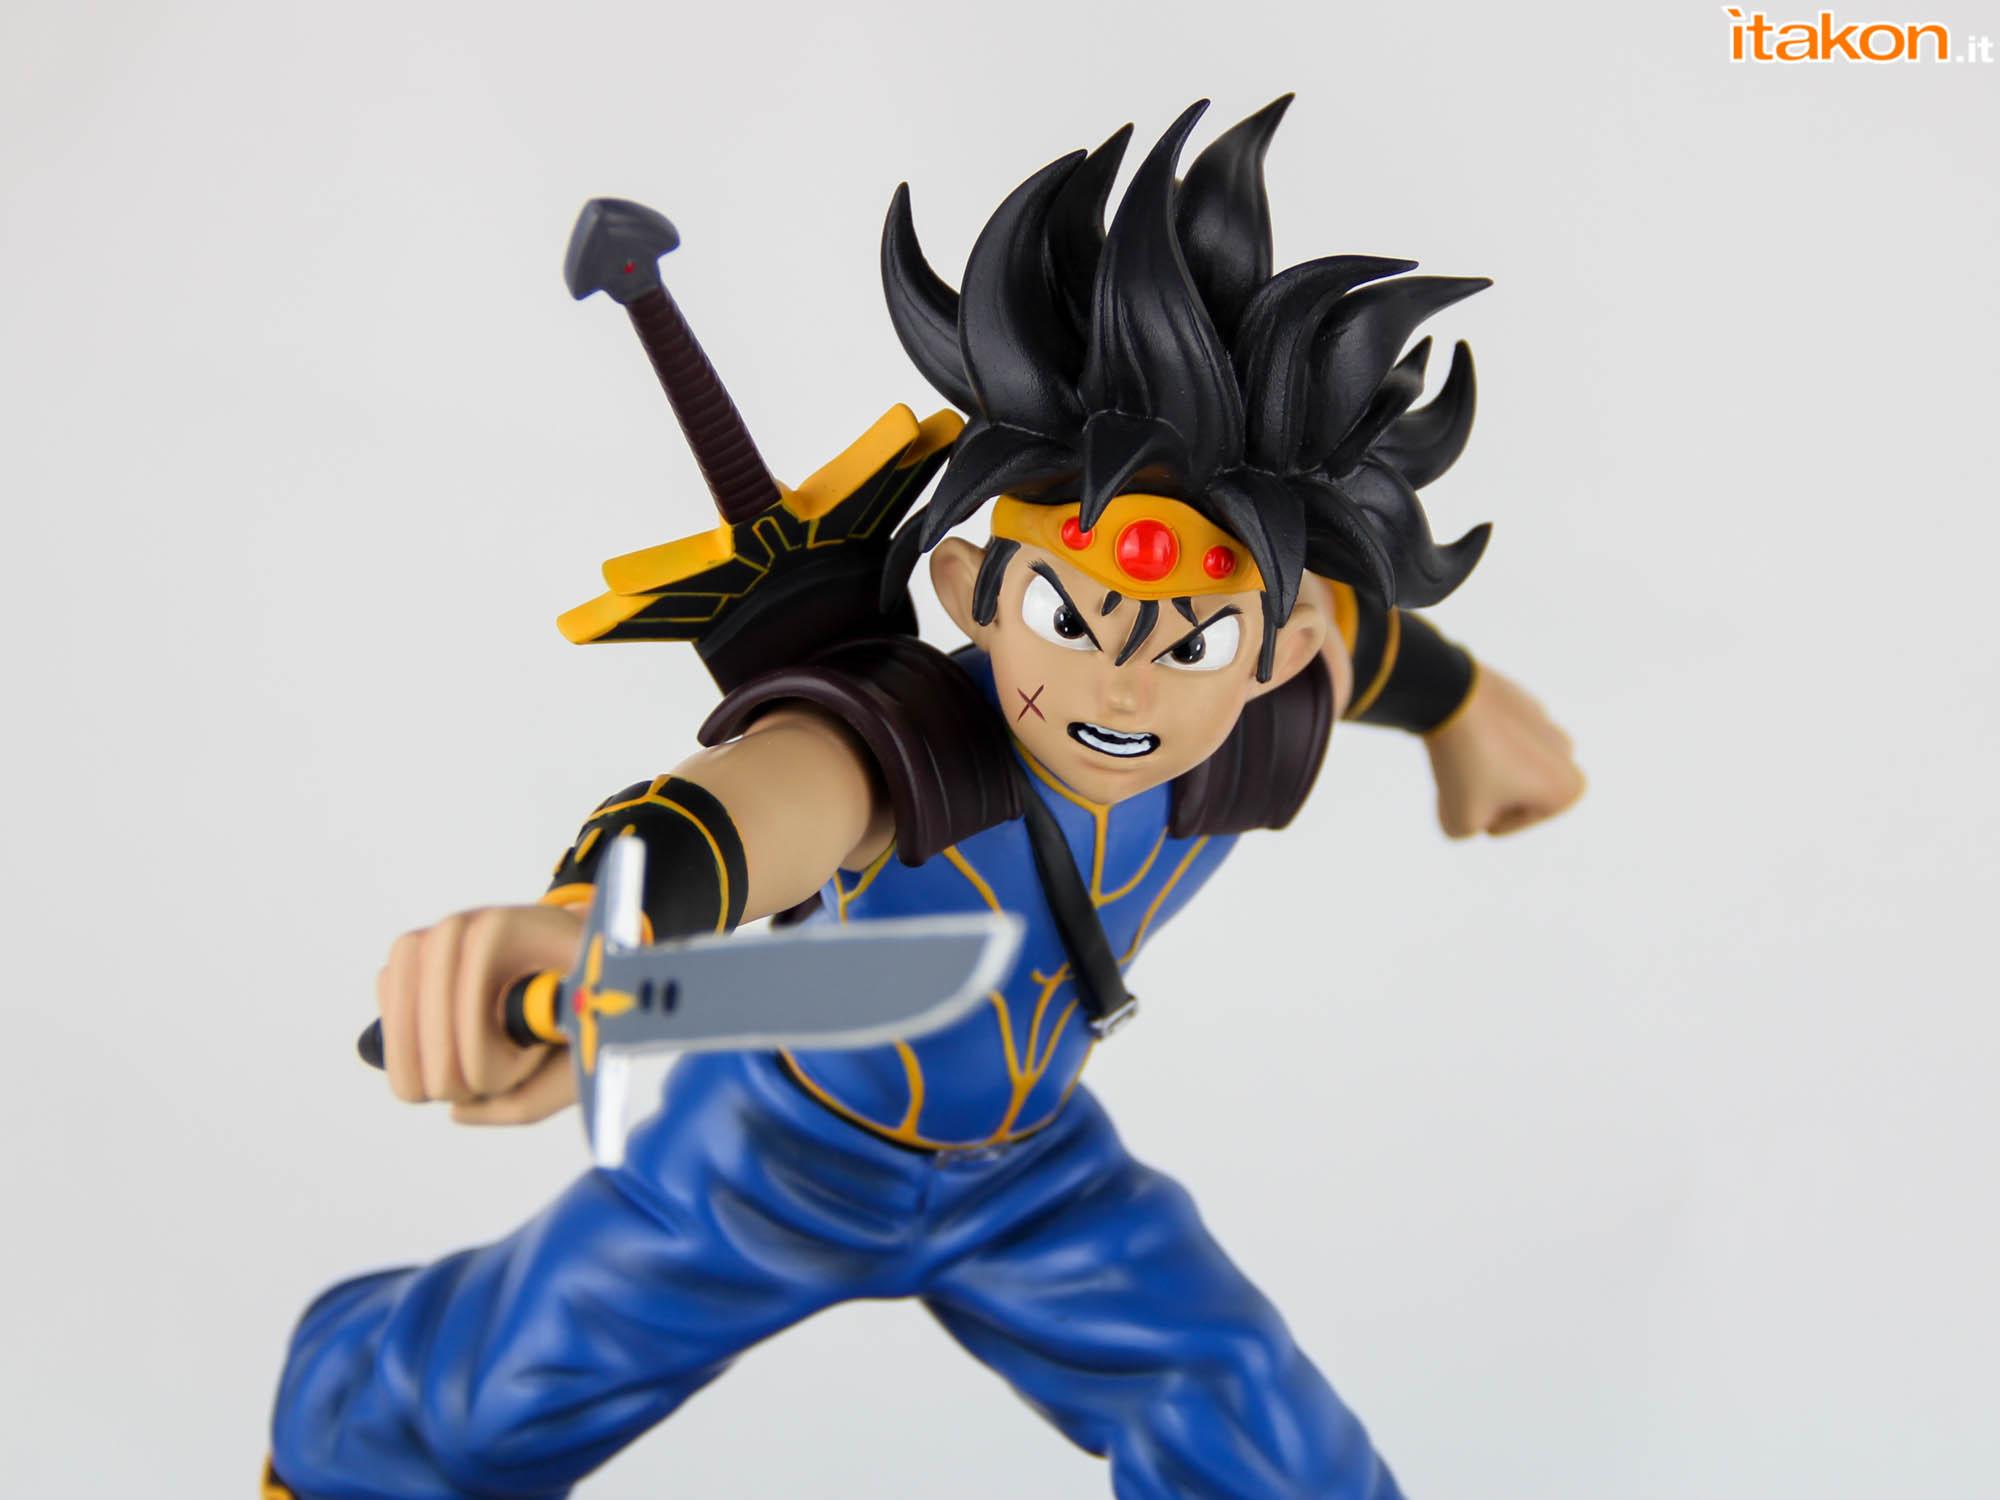 figurama_collectors_dai_review-183